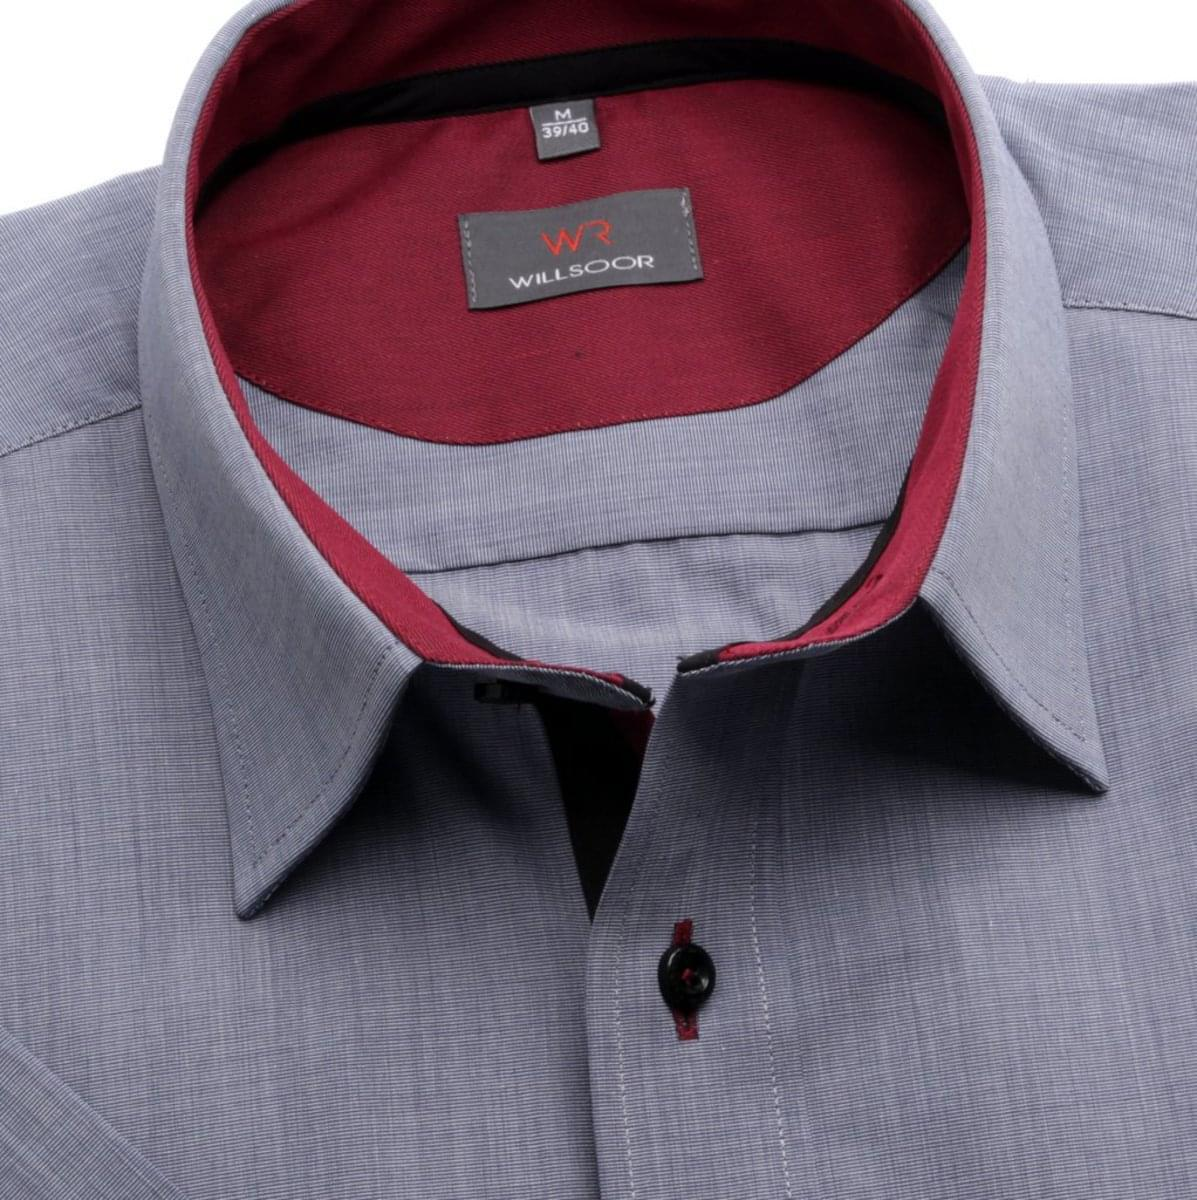 Pánská slim fit košile (výška 176-182) 6381 v šedé barvě s formulí Easy Care 176-182 / L (41/42)